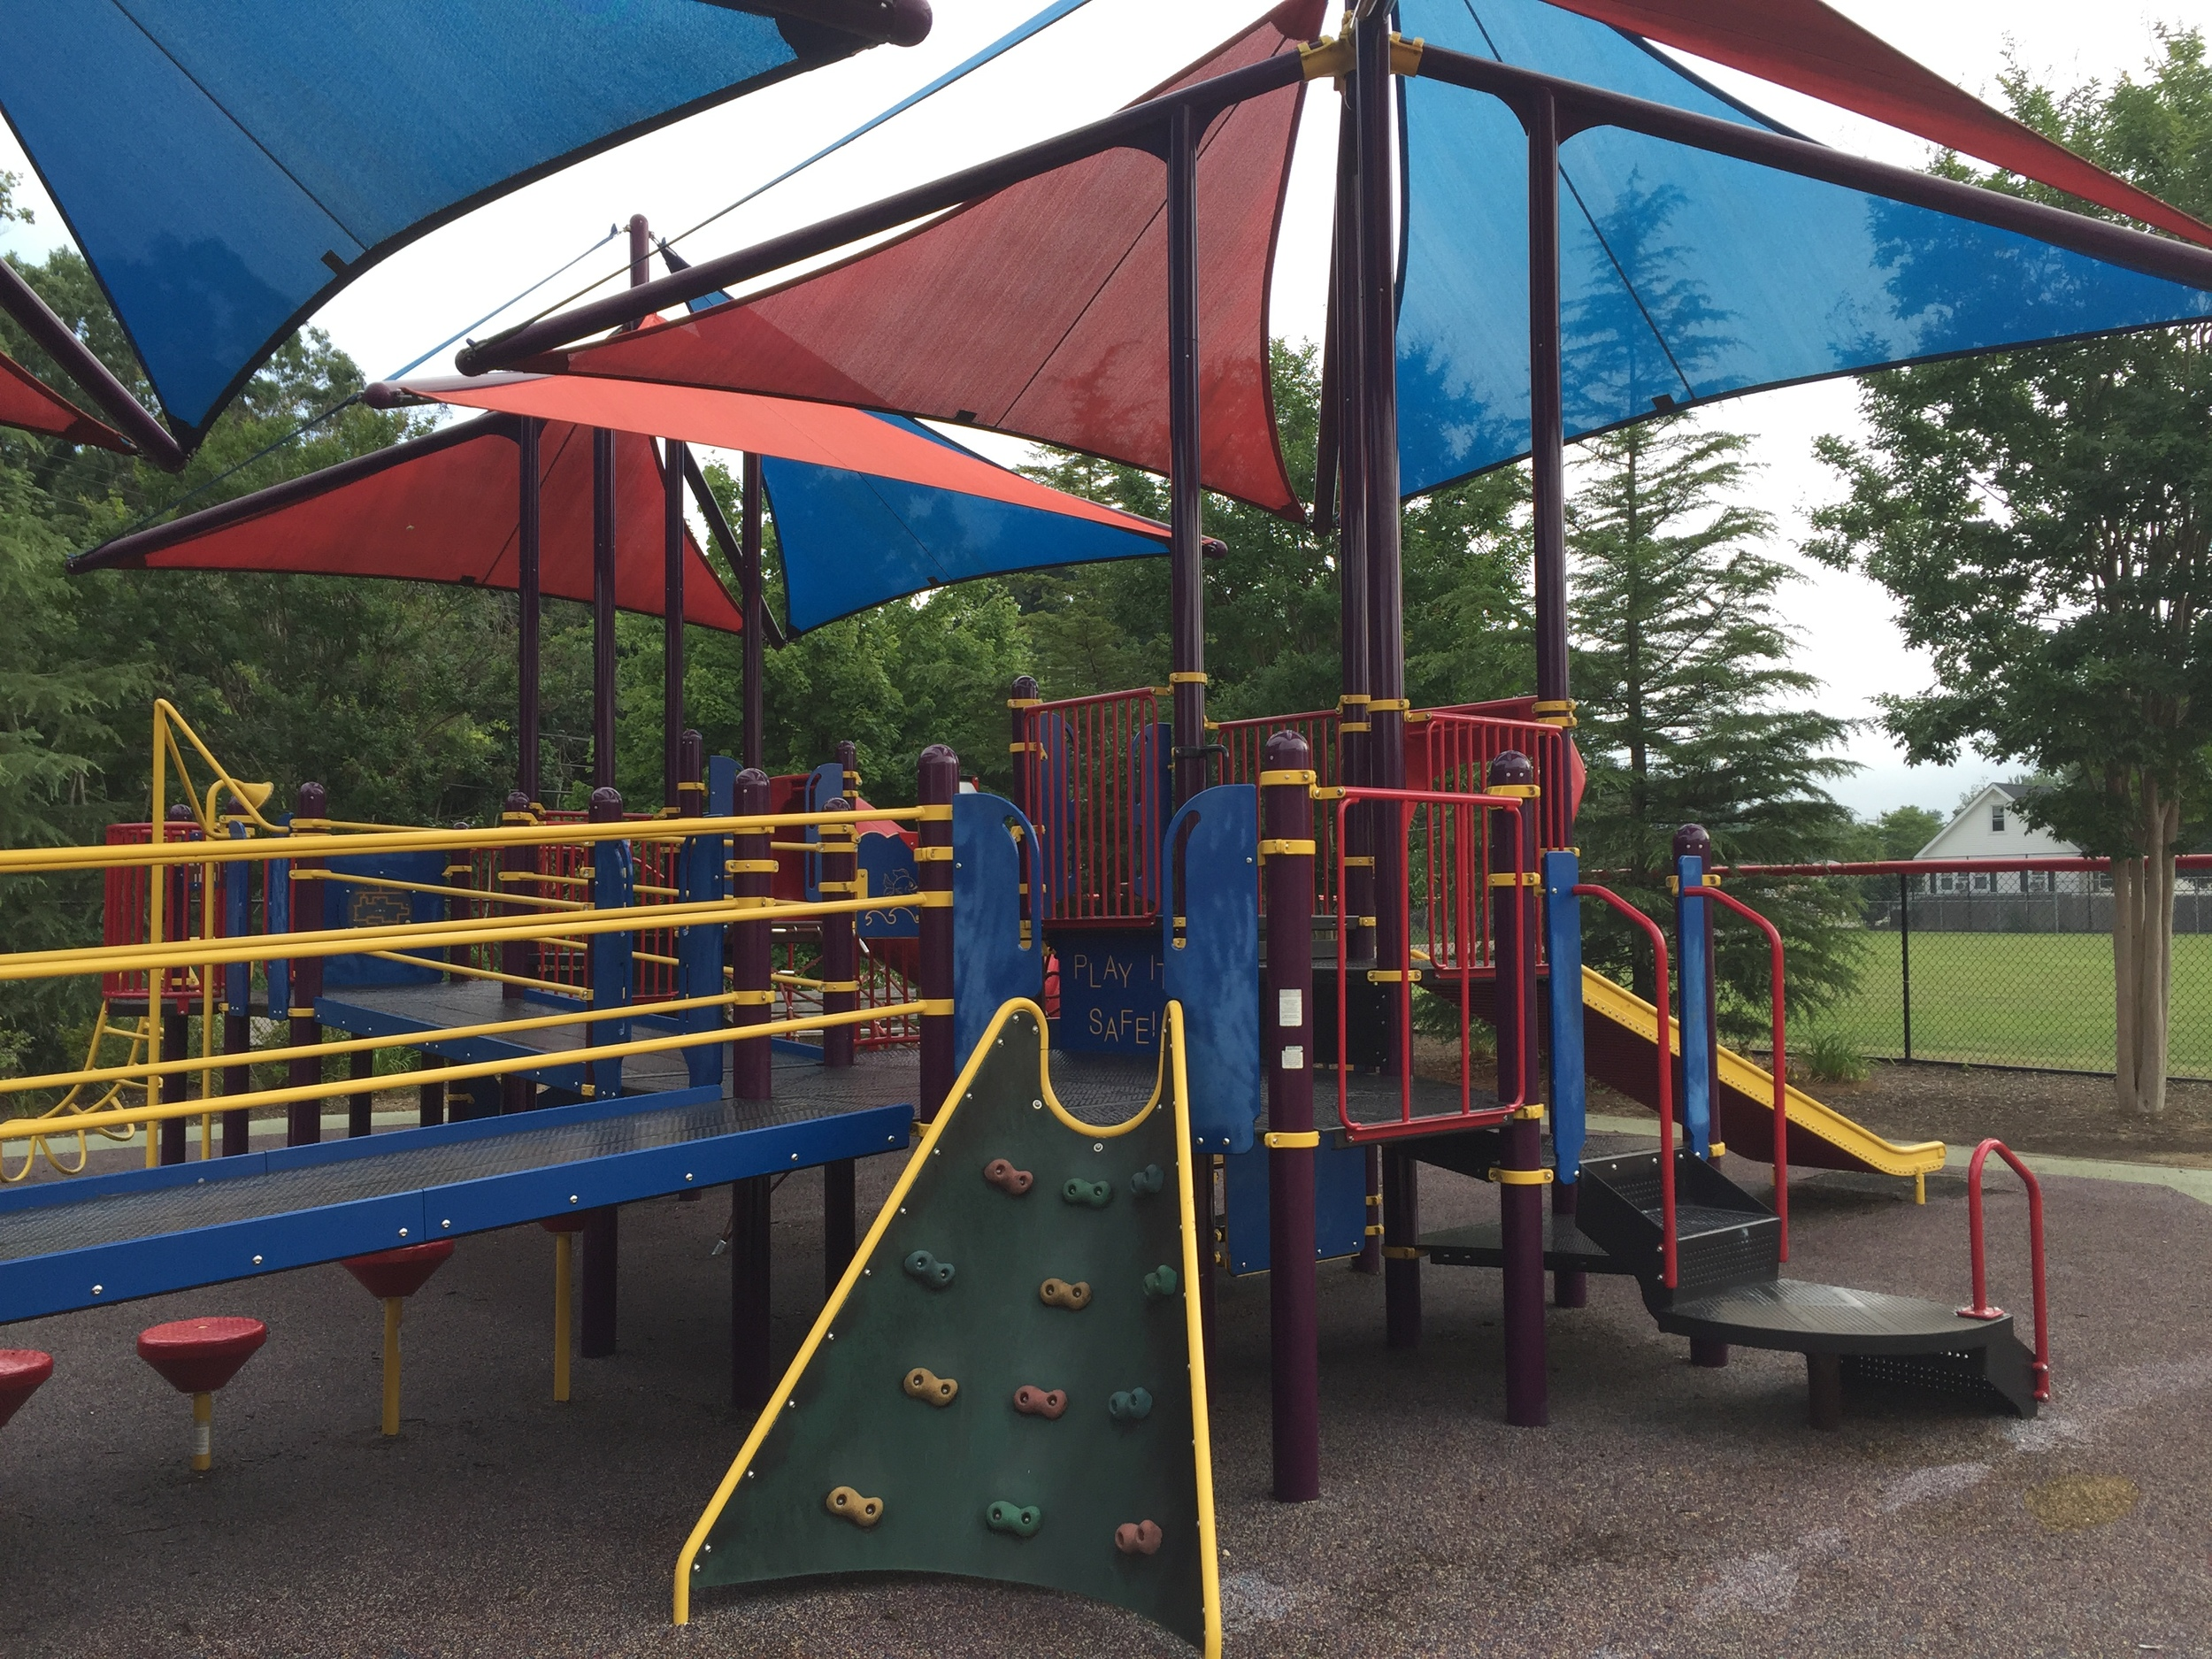 Playground at Pine Acres Playground